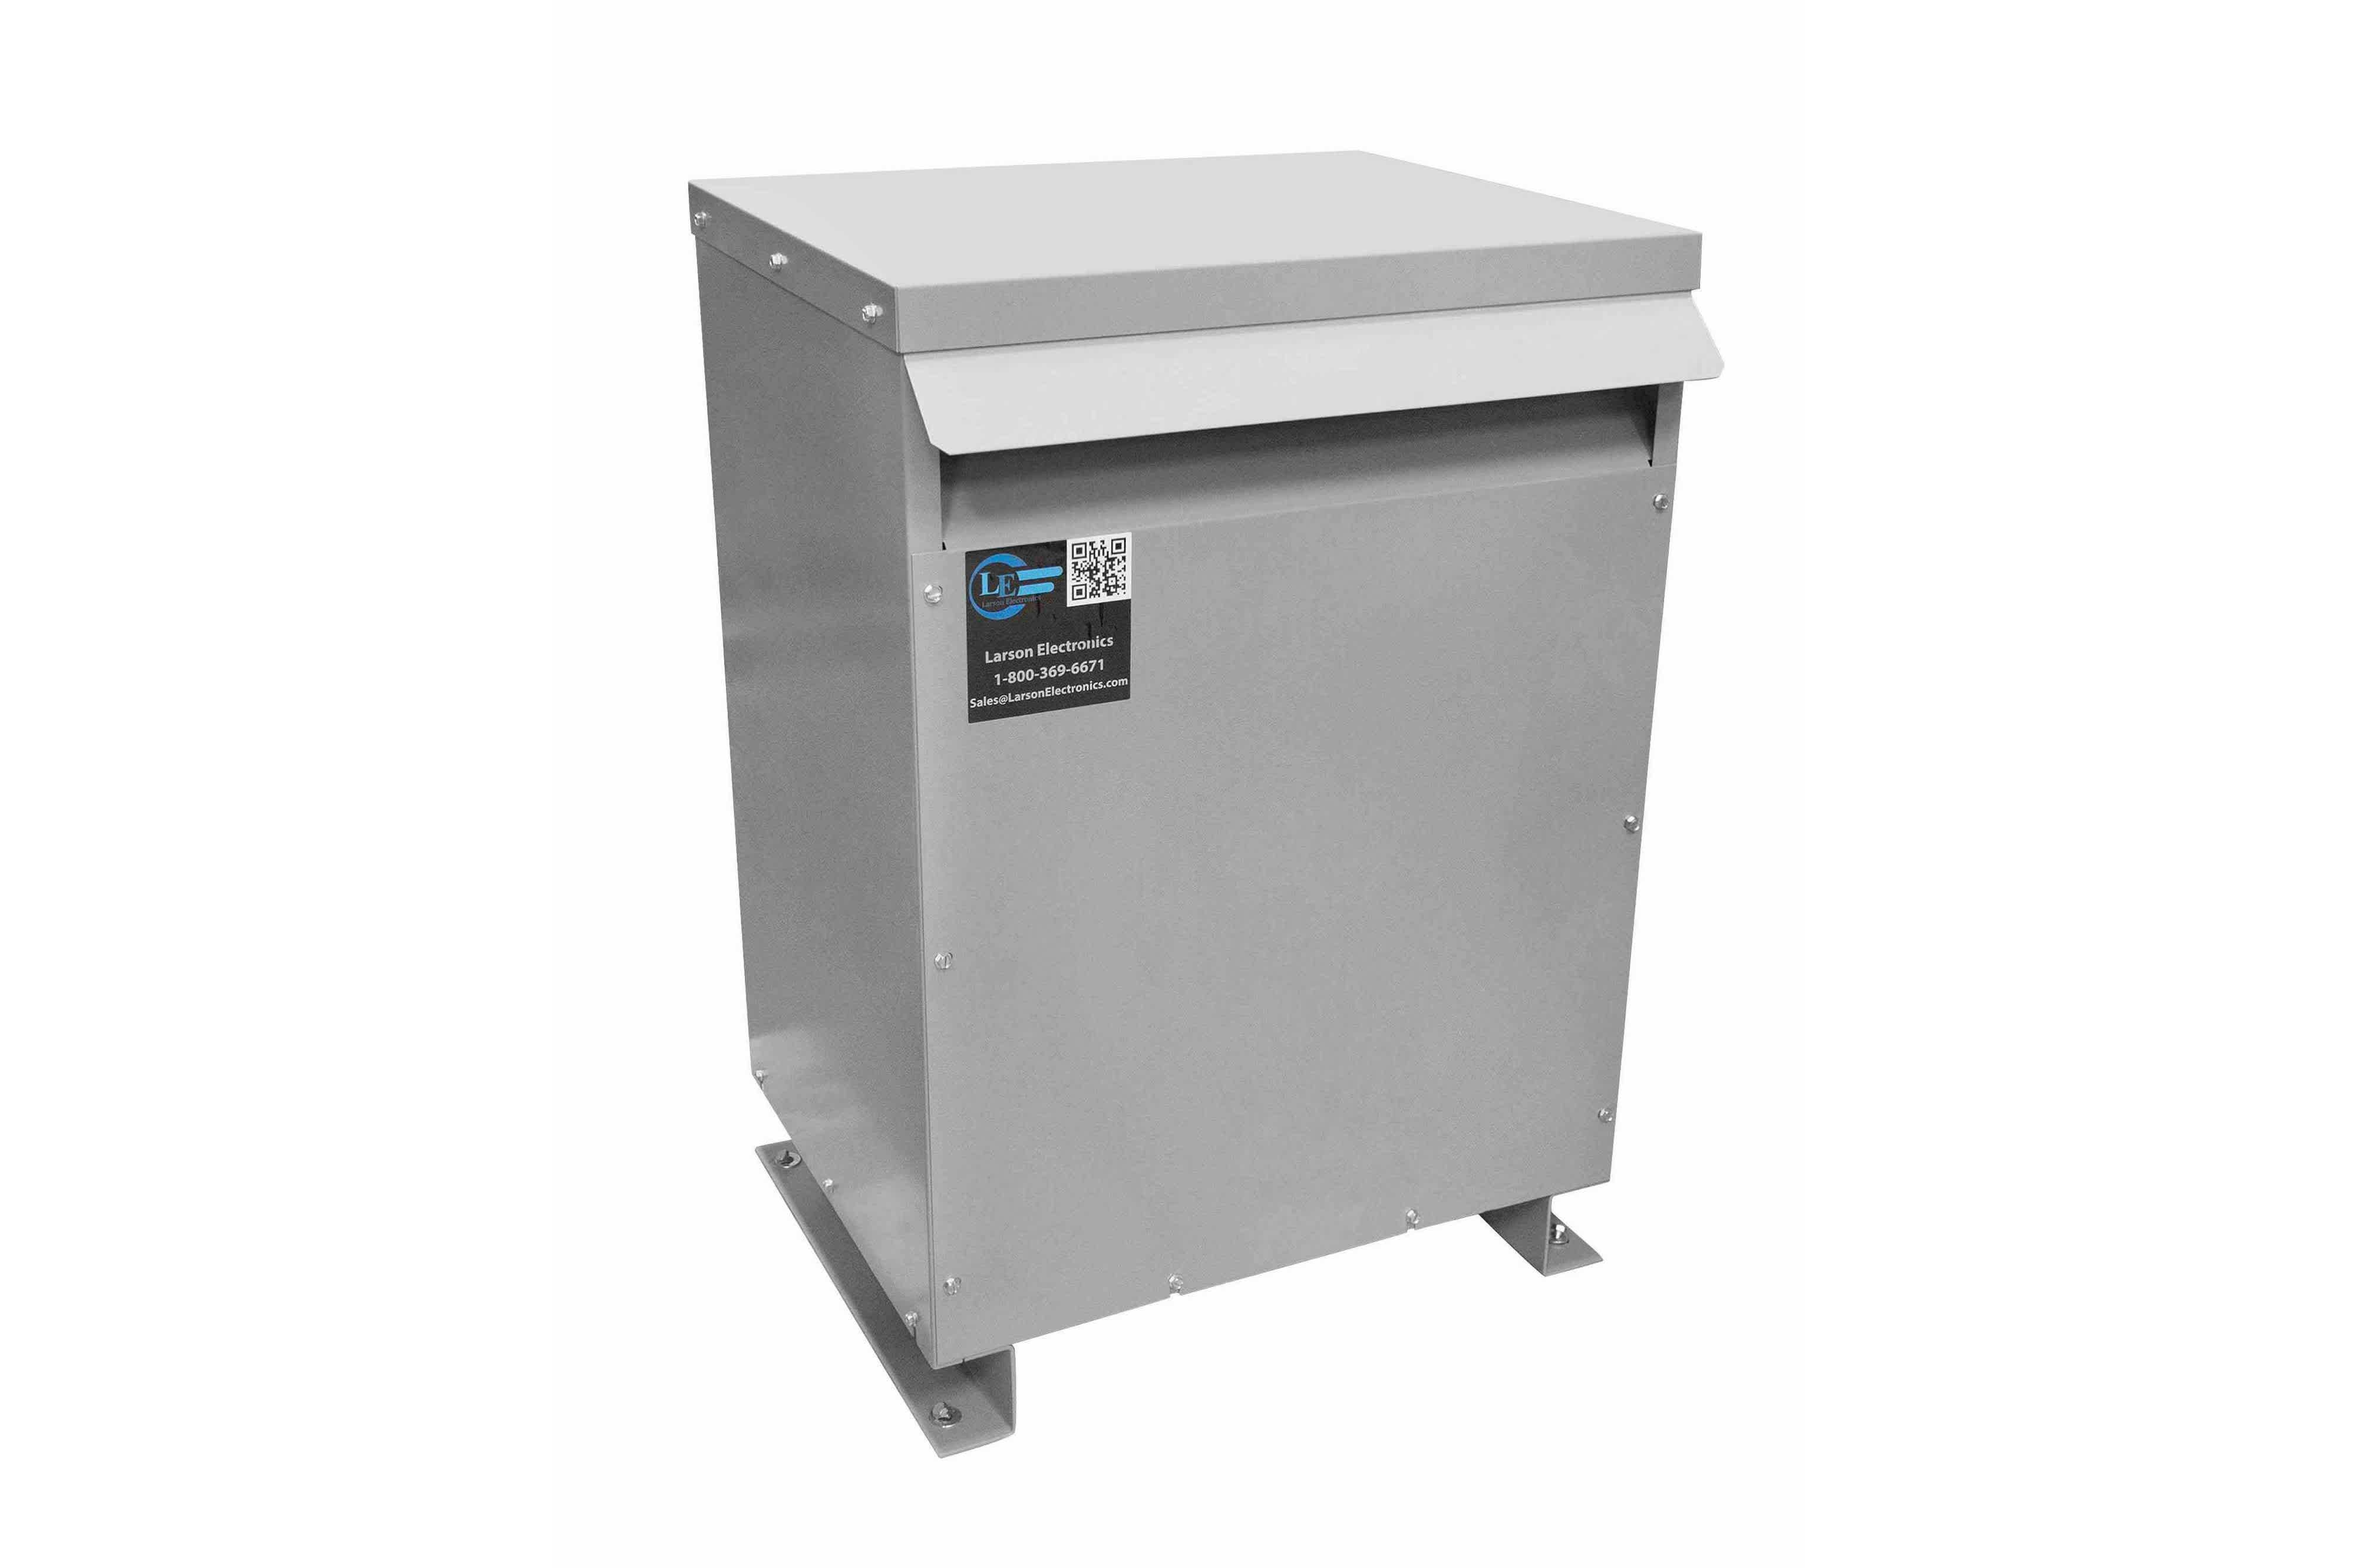 30 kVA 3PH Isolation Transformer, 600V Delta Primary, 415V Delta Secondary, N3R, Ventilated, 60 Hz